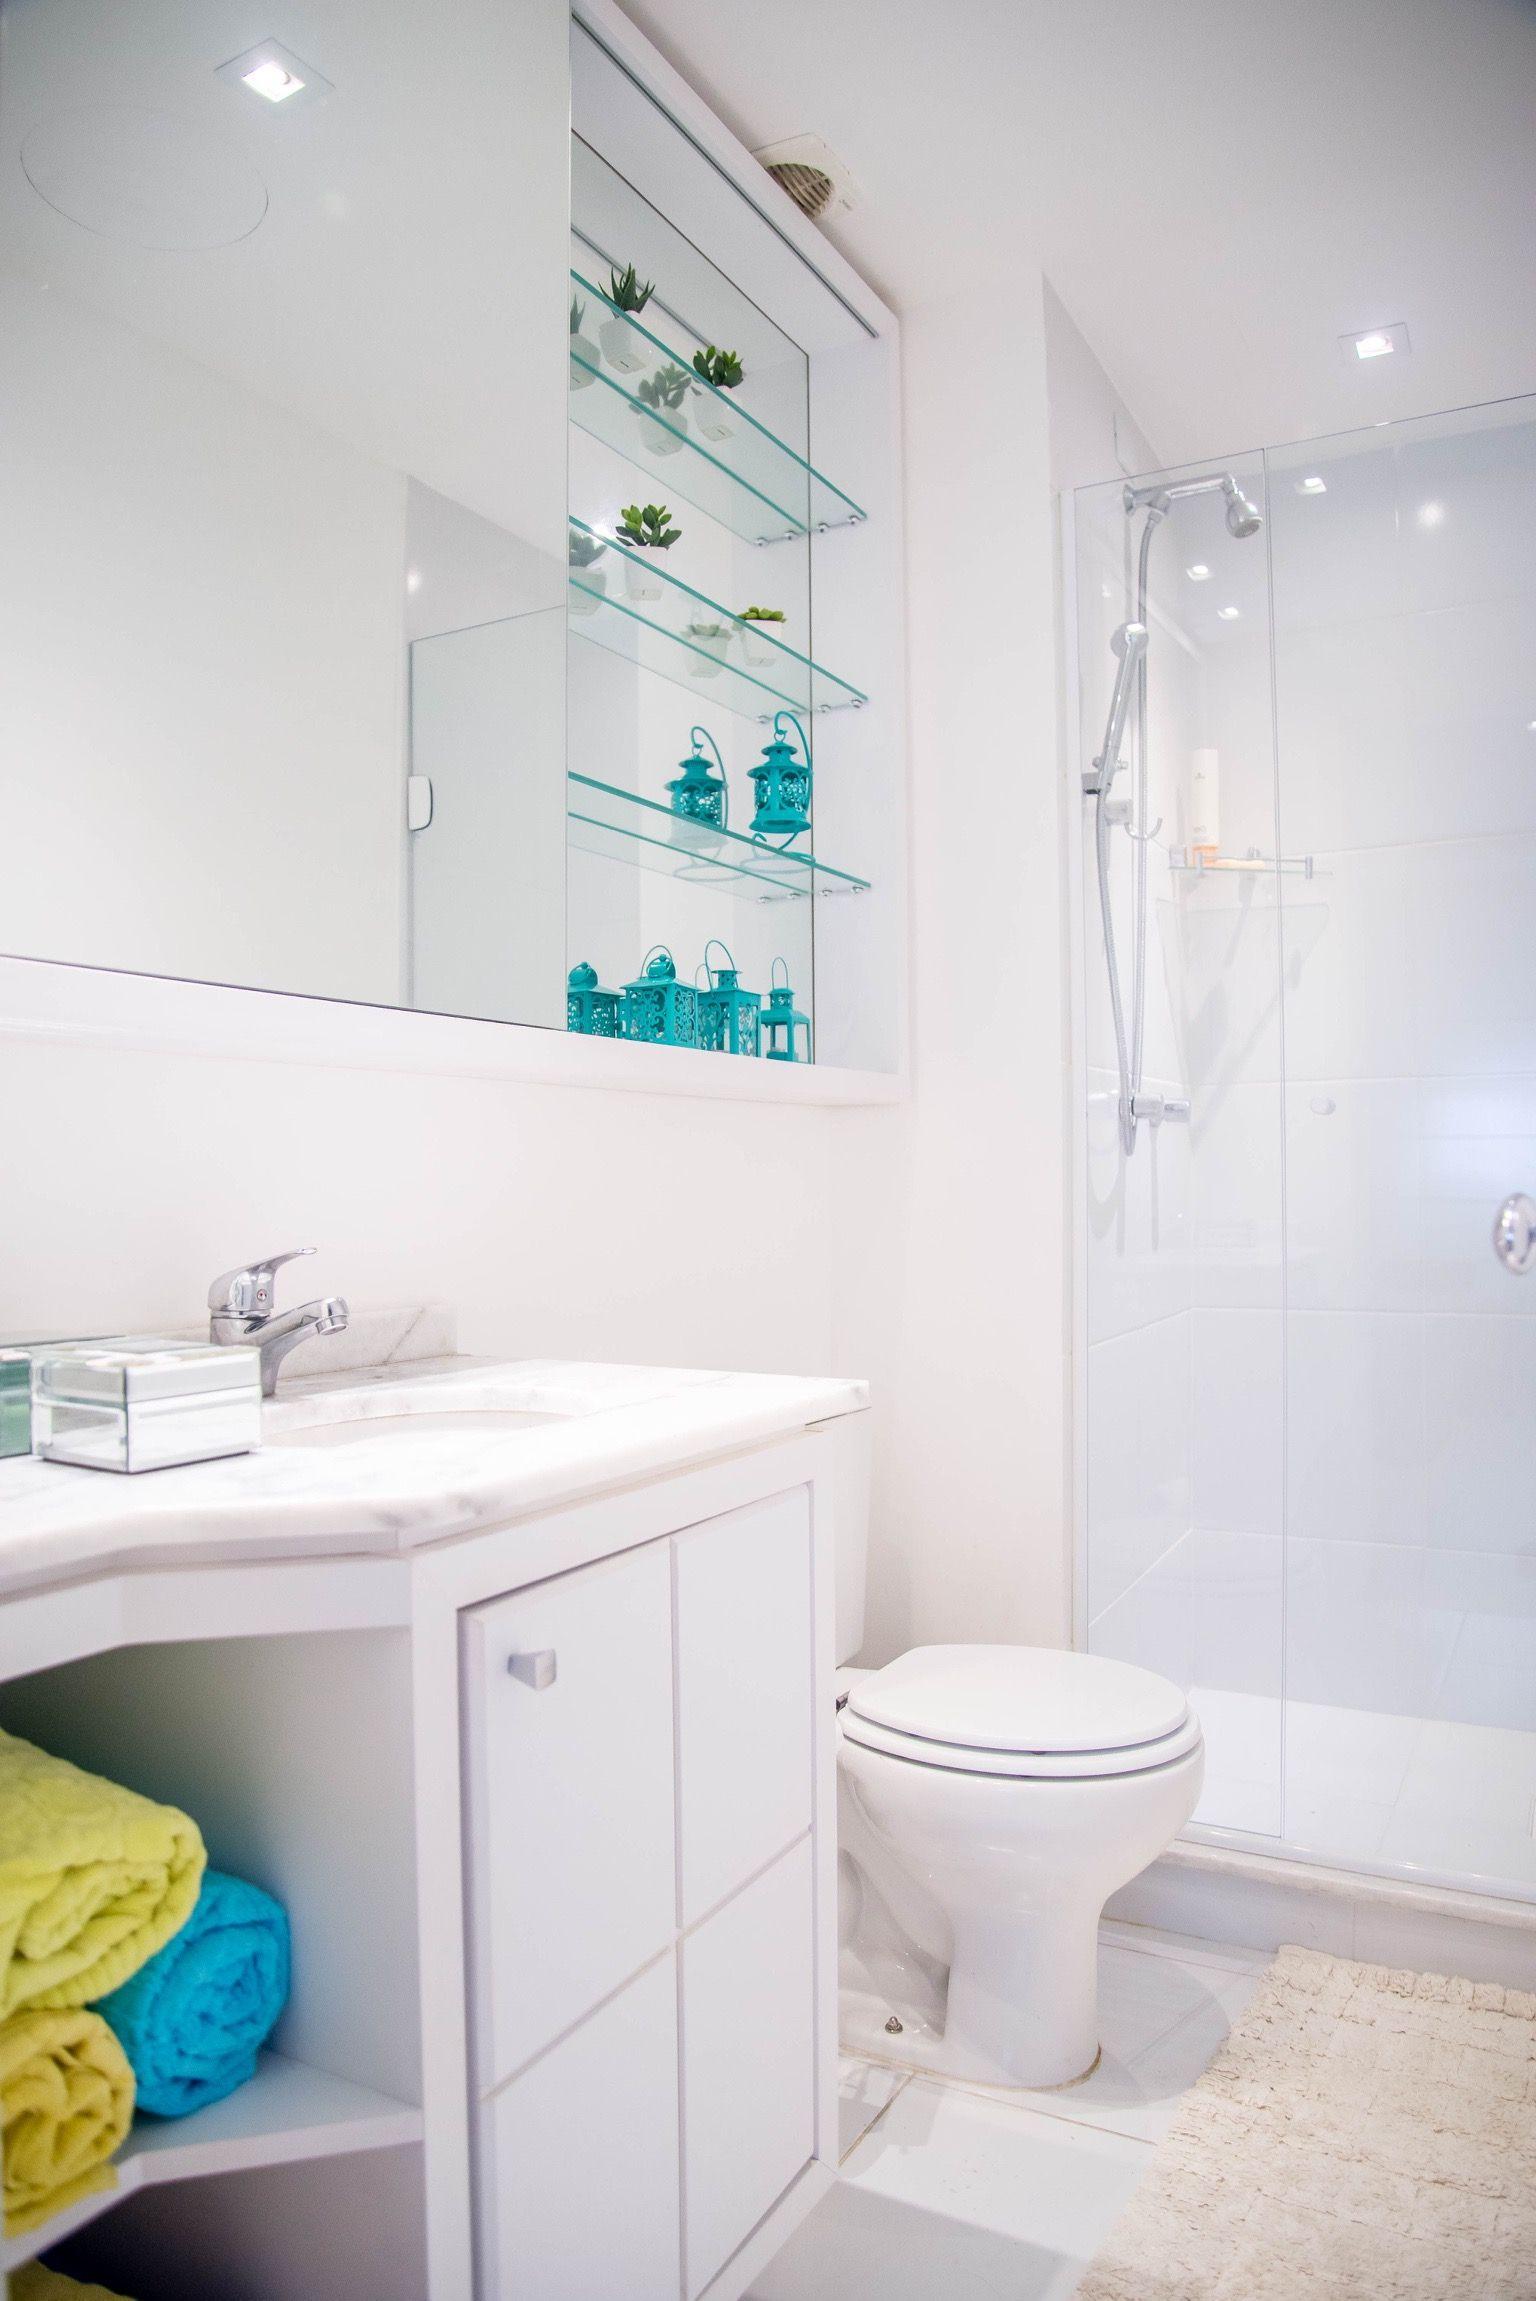 Apartamento R C Banheiro Fotos Carolina Mascia Com Imagens